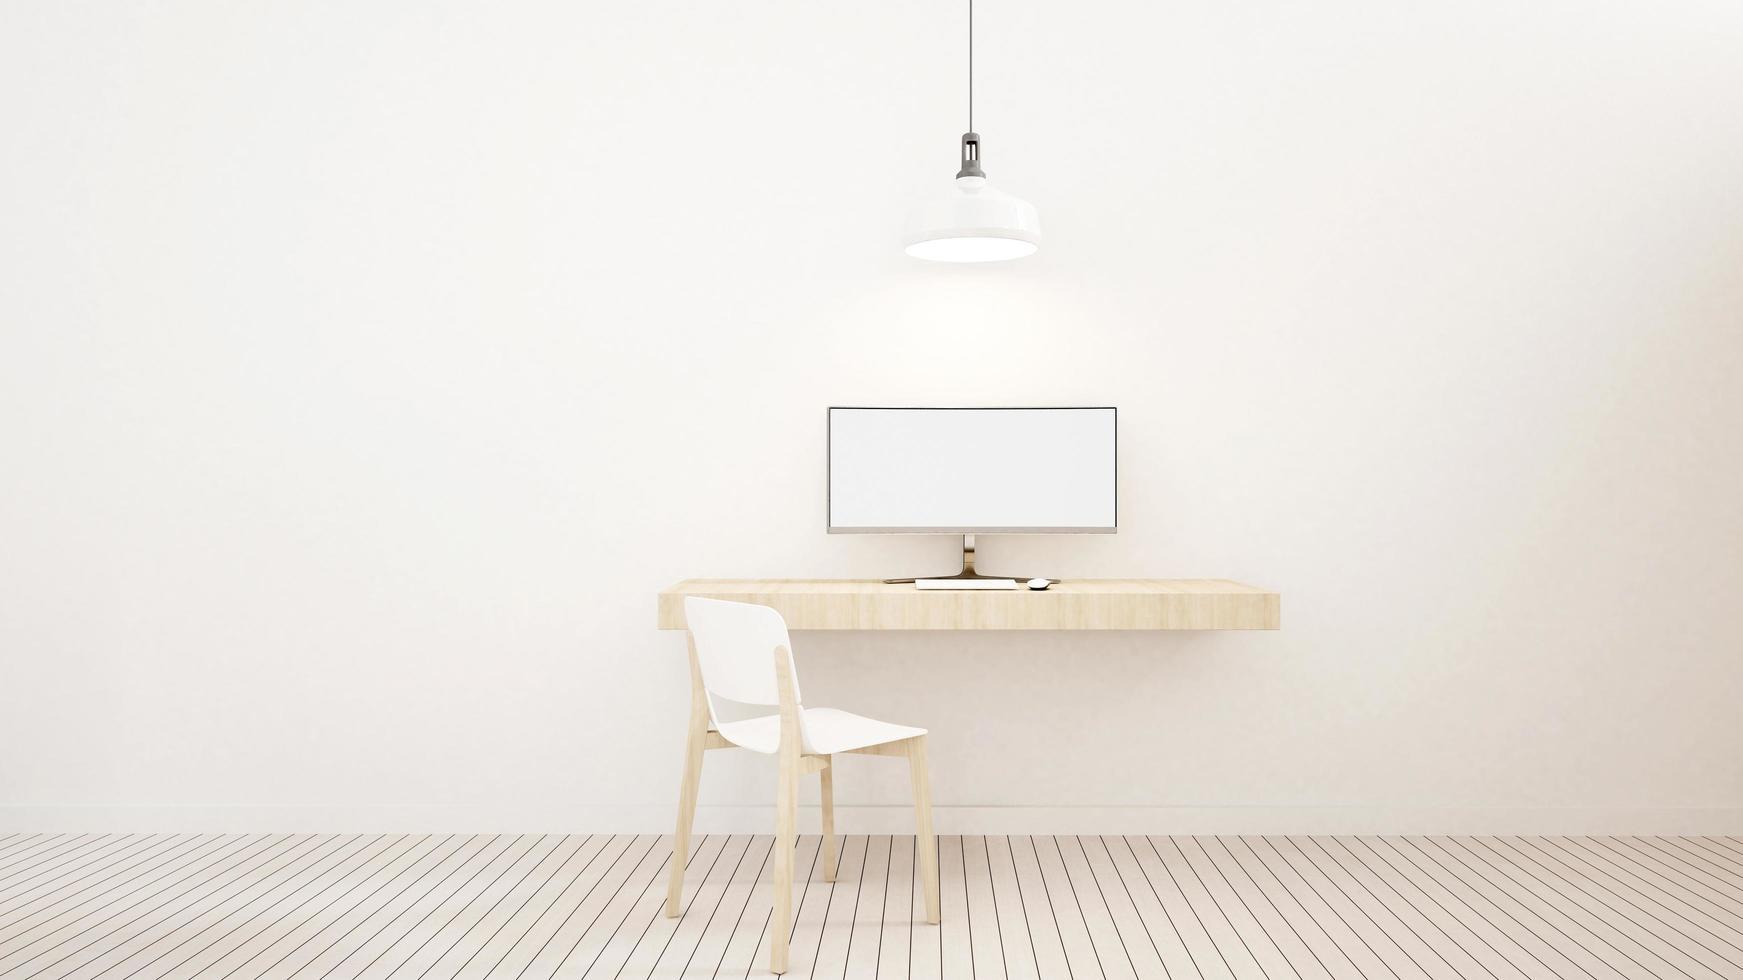 arbetsyta vit ton i hem eller lägenhet foto